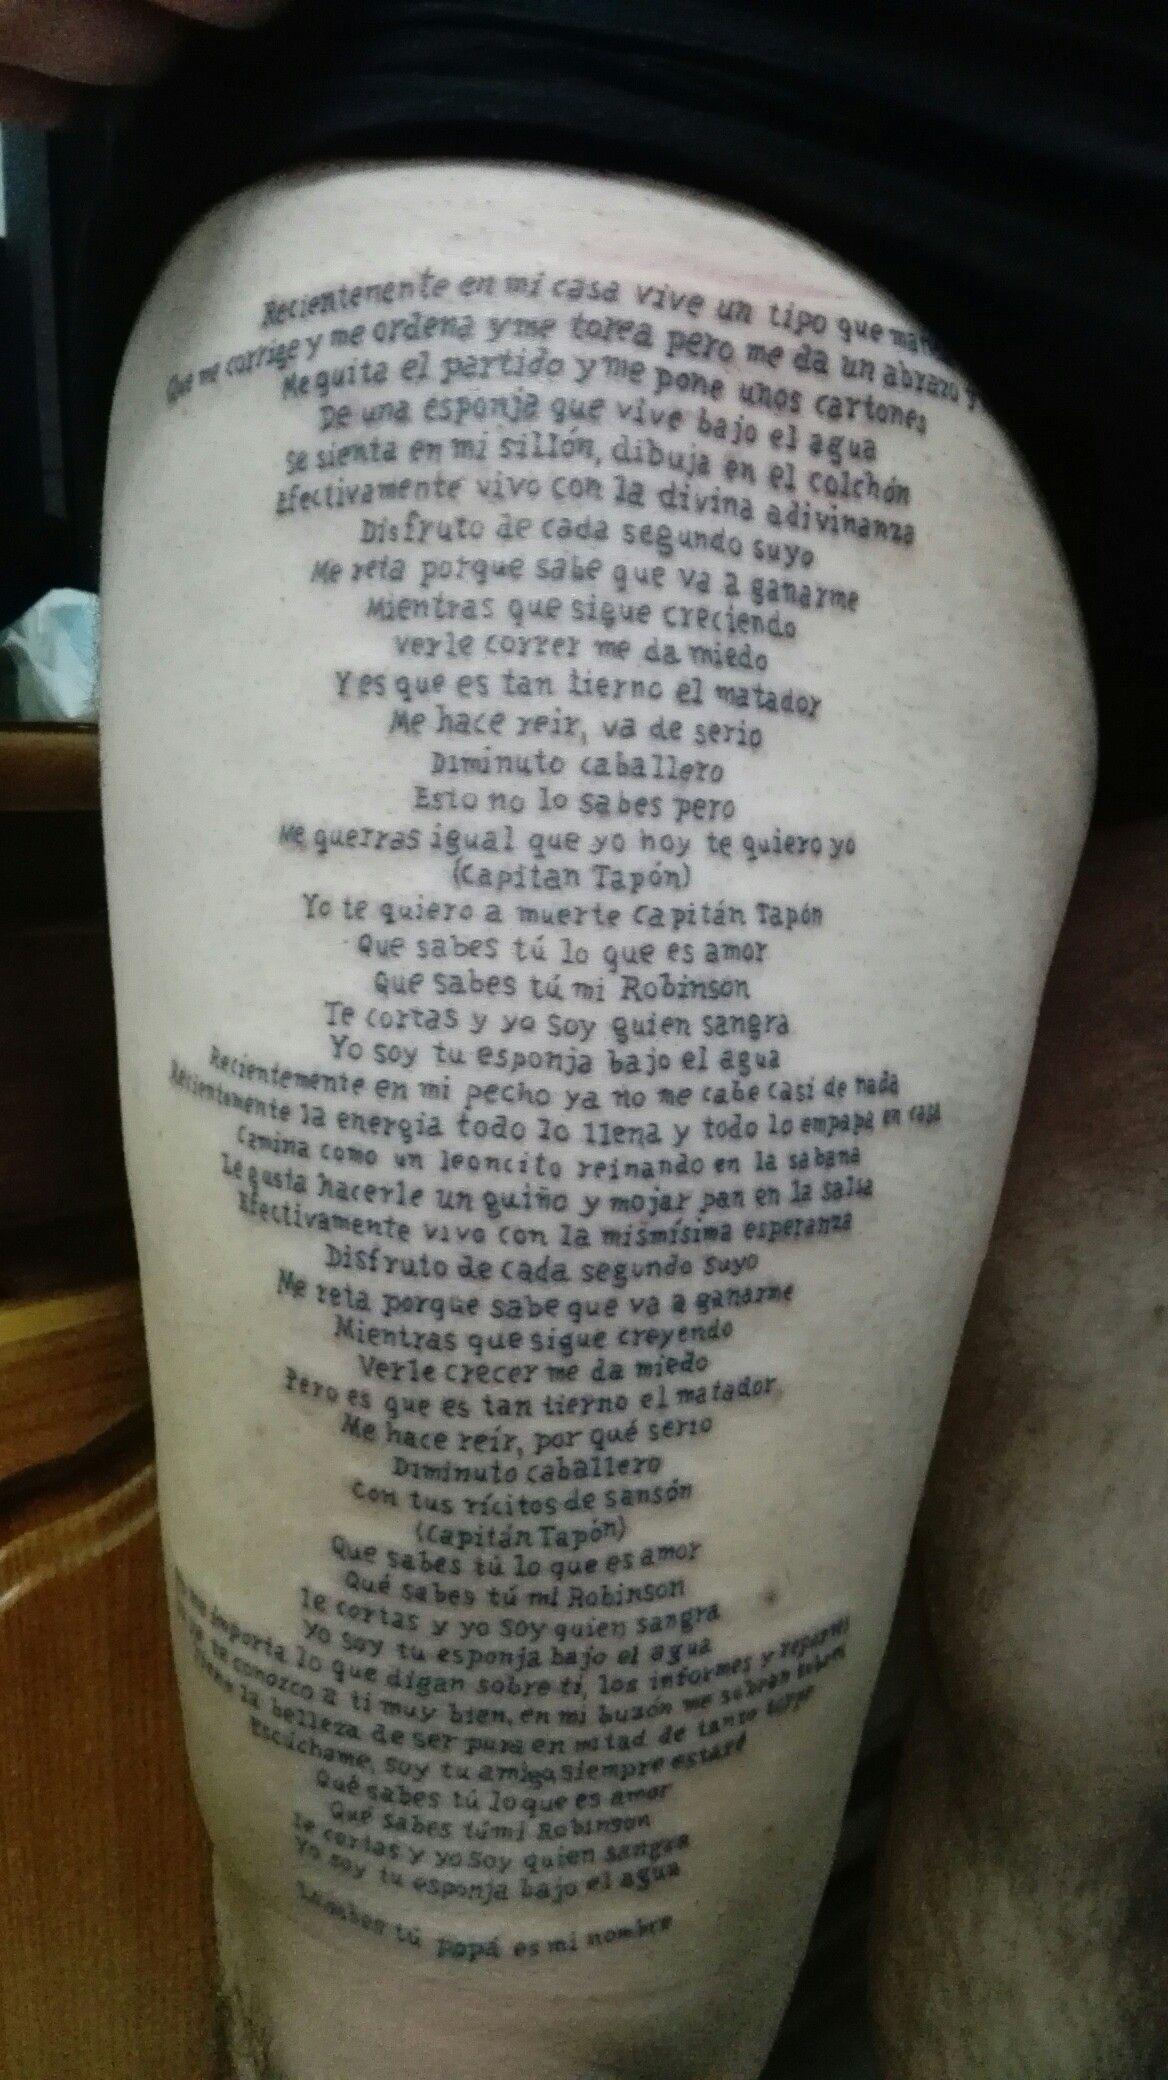 Todos Los Tatuajes De Alejandro Sanz tatuaje letra canción capitán tapón, de alejandro sanz, datura